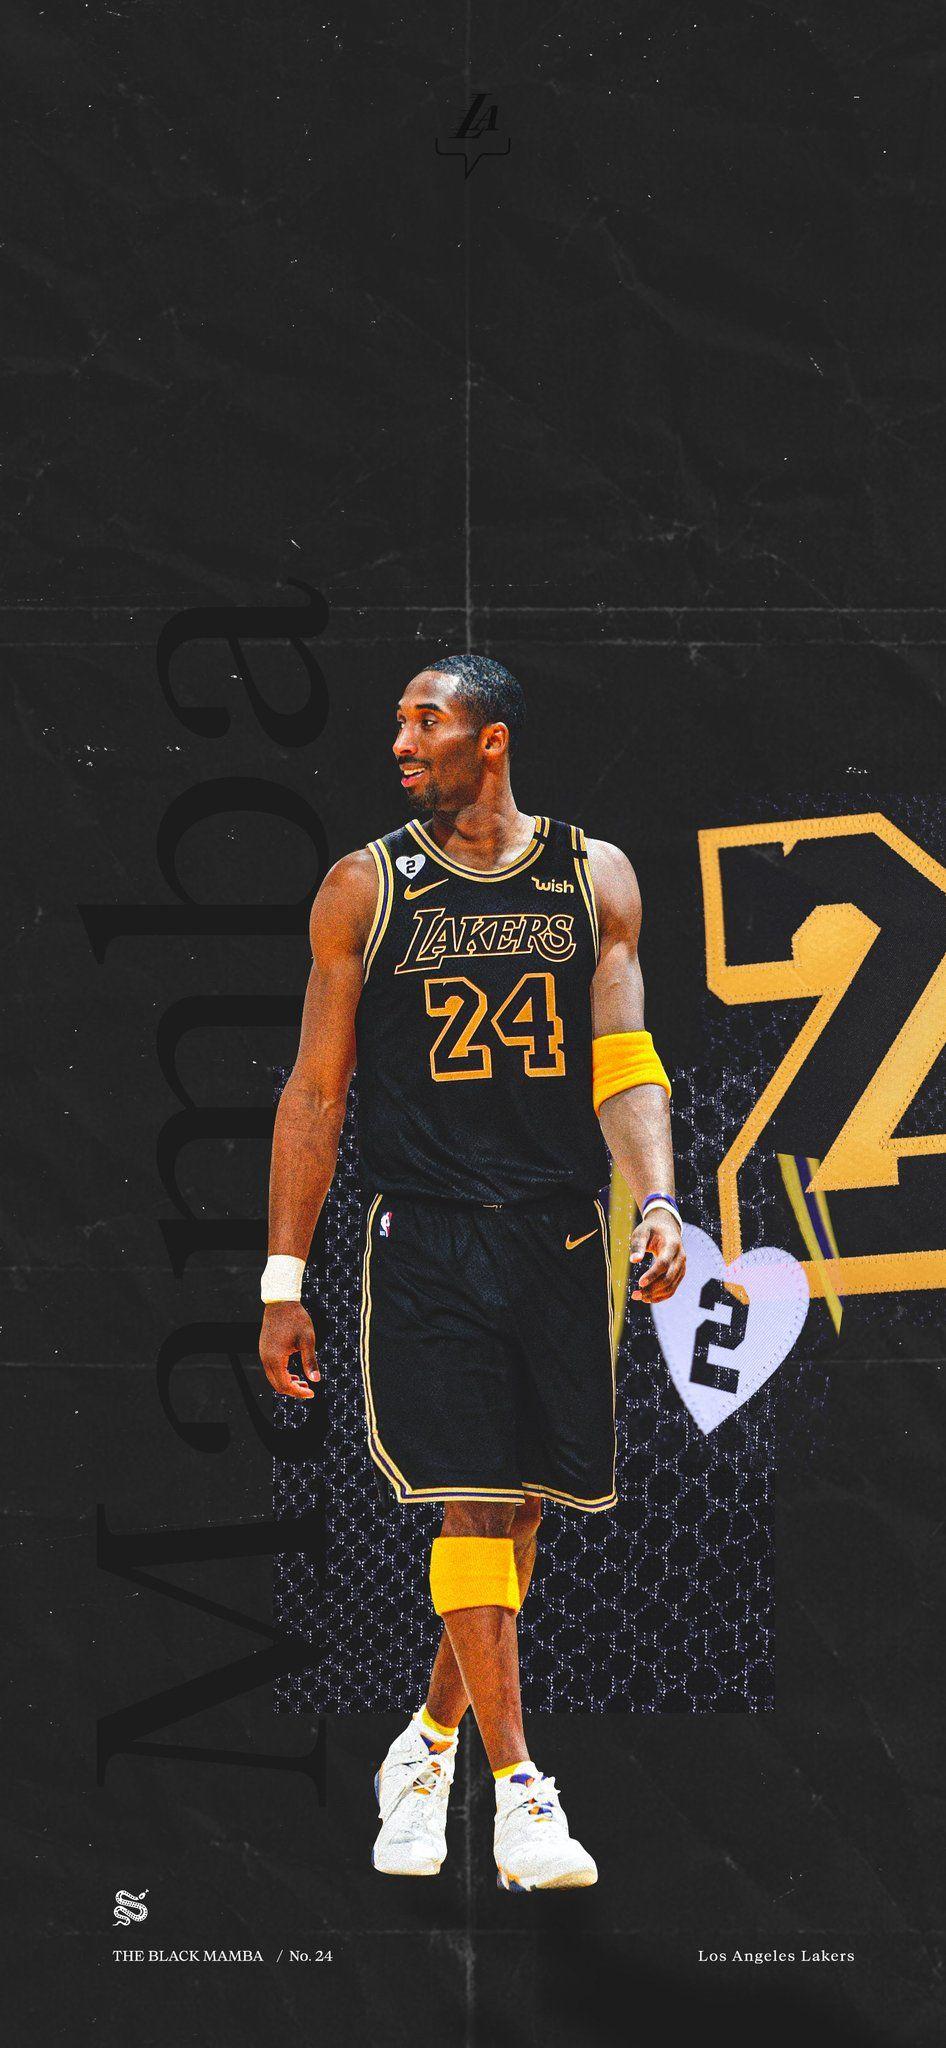 Los Angeles Lakers On Twitter In 2021 Kobe Bryant Wallpaper Kobe Bryant Pictures Lakers Kobe